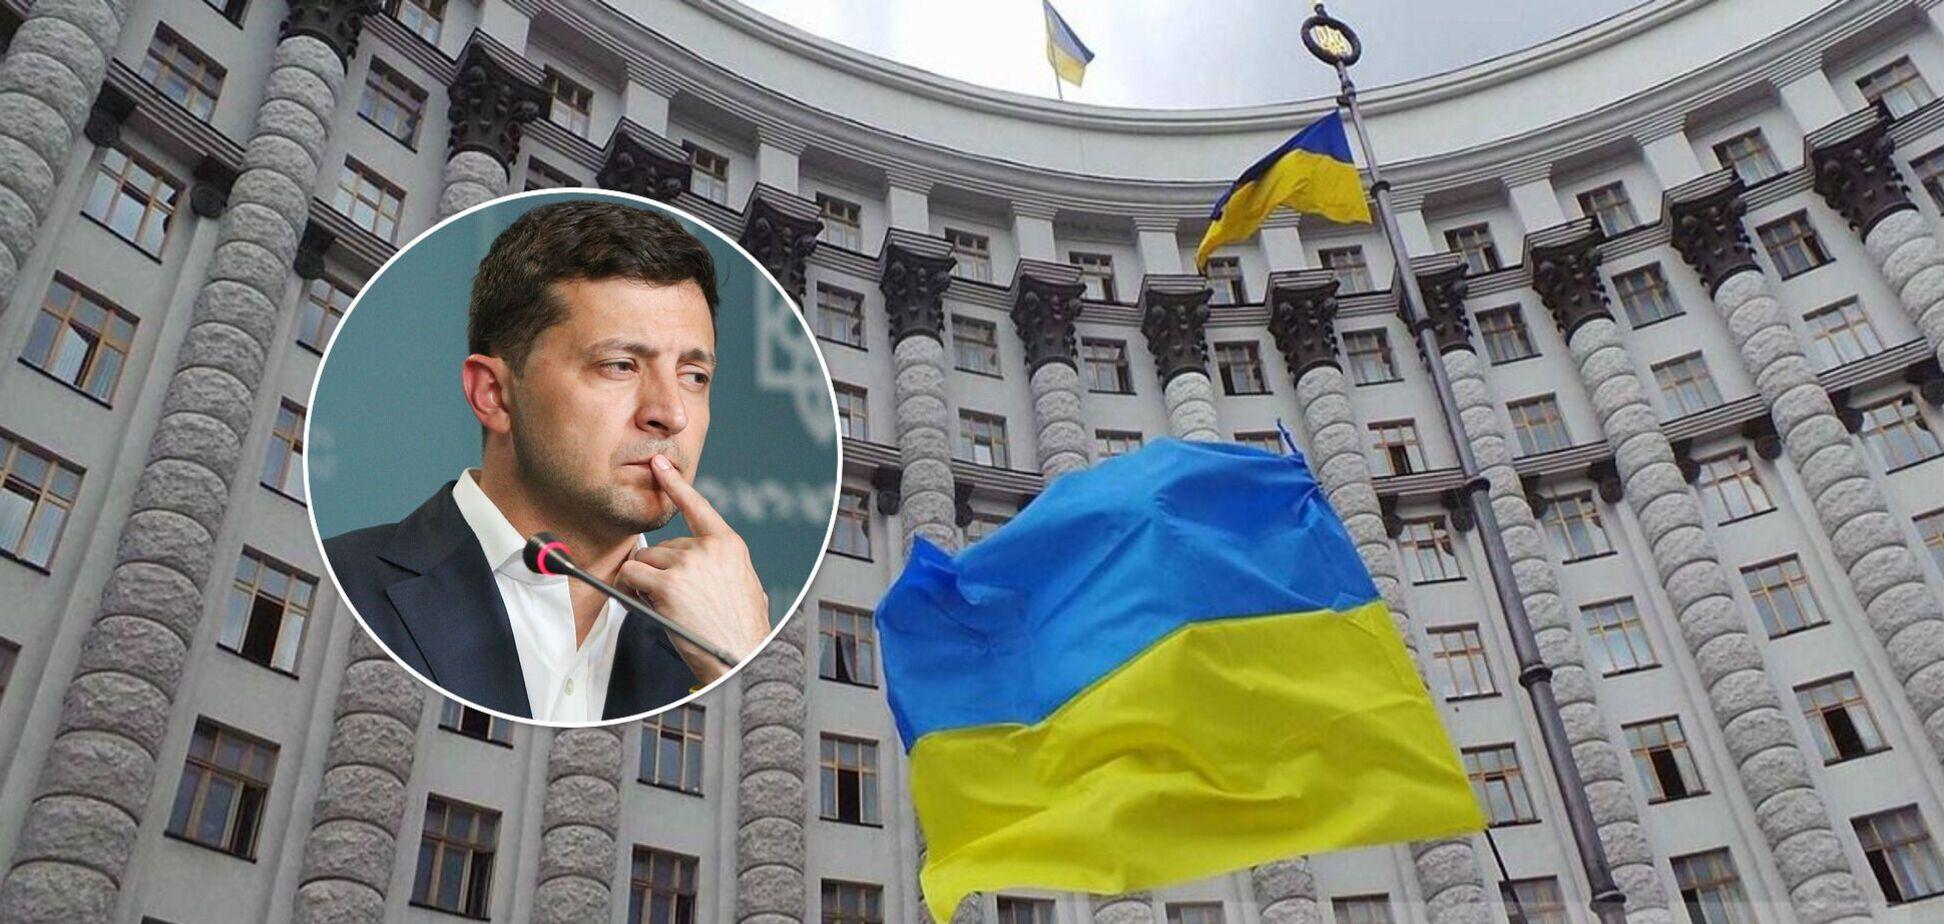 Украина больше не бедный родственник: как Зеленскому удалось вывести дипломатию на новый уровень